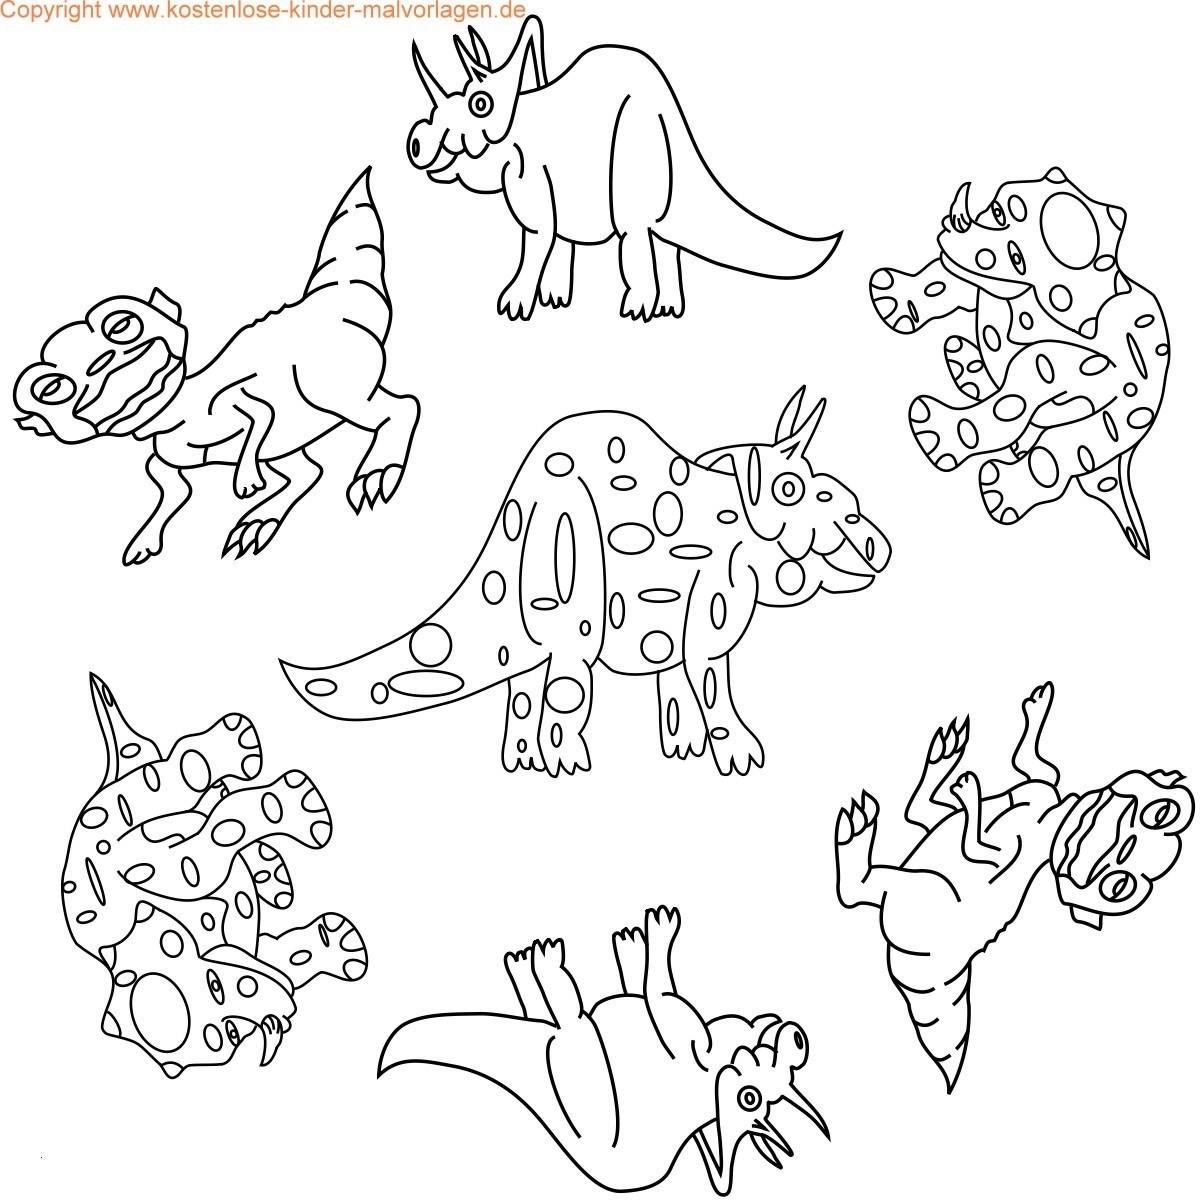 Dino Zug Ausmalbilder Neu Malvorlagen Dinosaurier Best 35 Ausmalbilder Dino Zug Das Bild